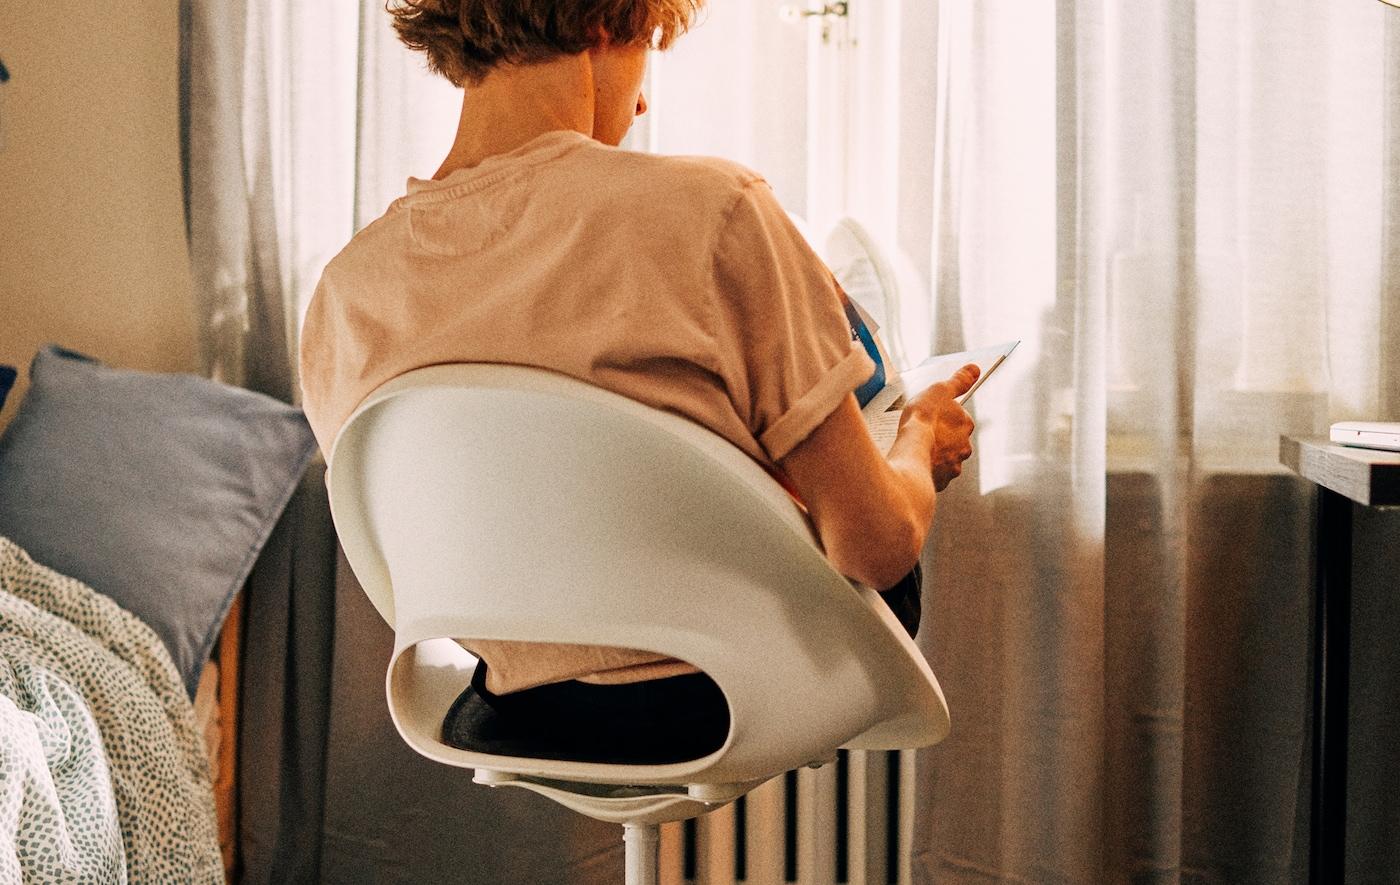 Um estudante sentado numa cadeira giratória virado para a janela com os pés apoiados no radiador à sua frente.